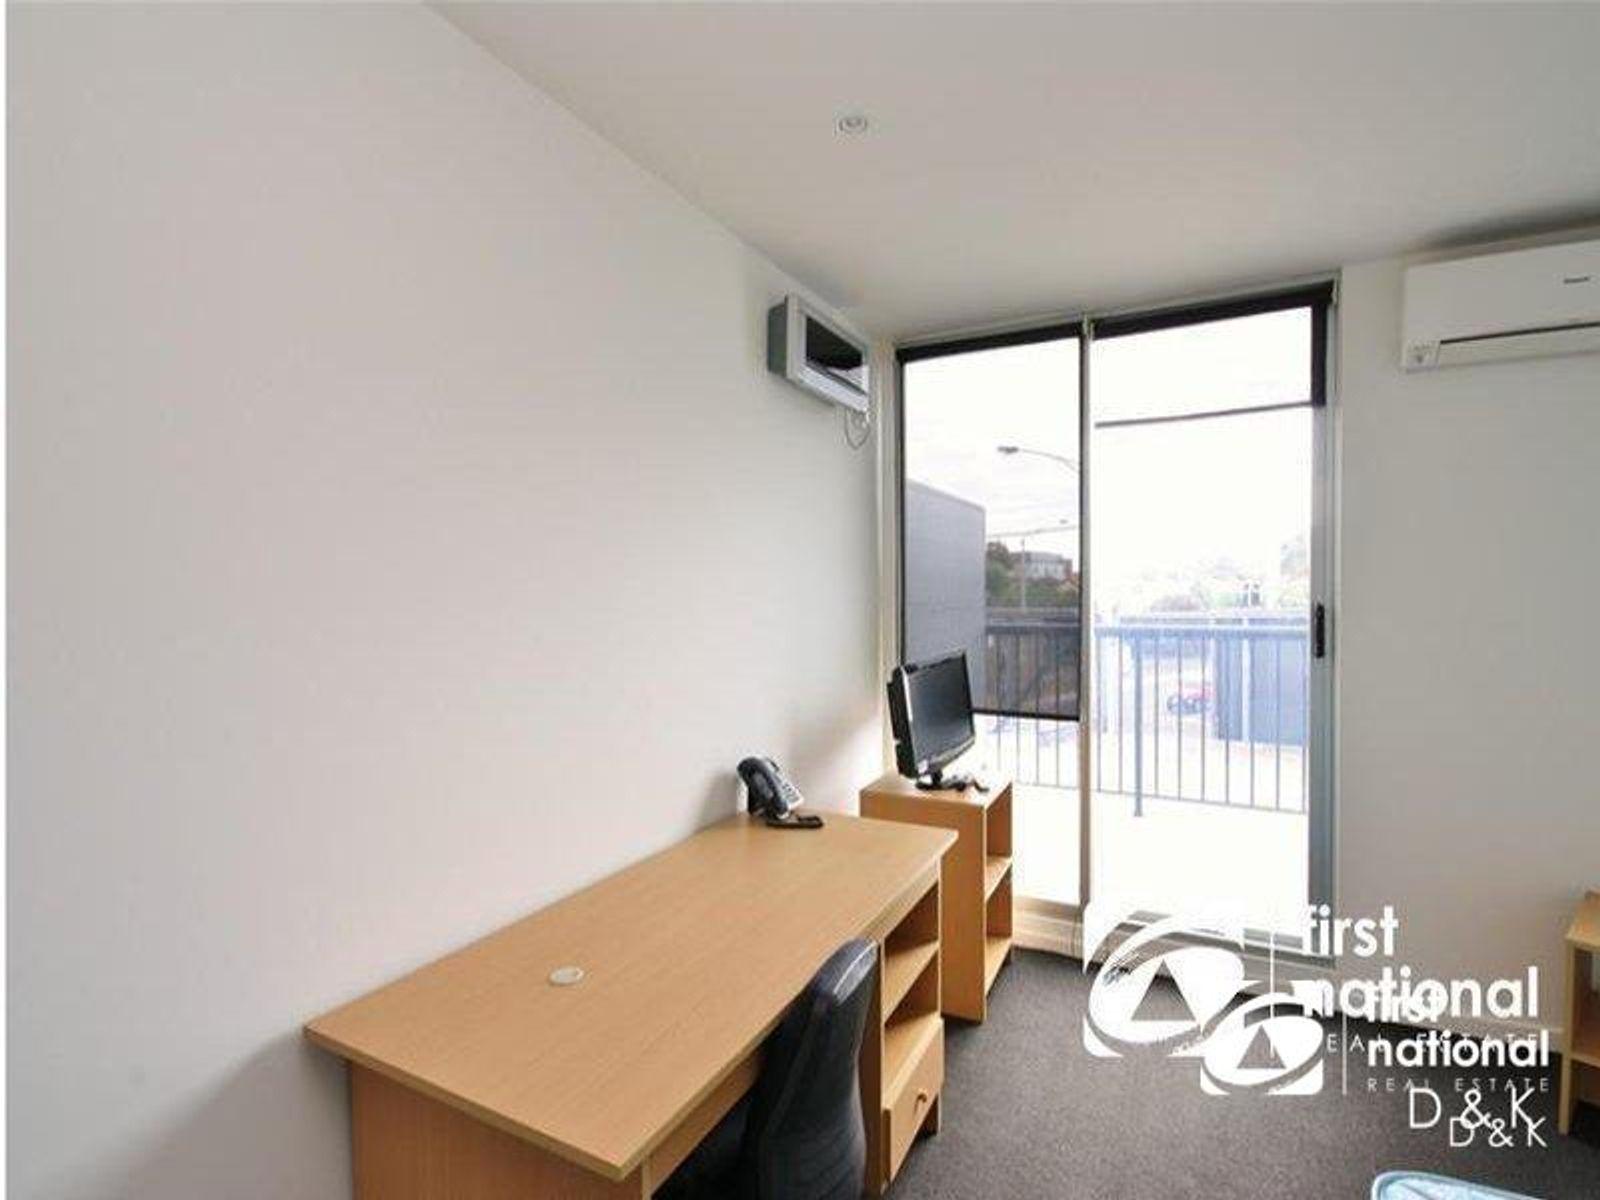 203A/51 Gordon Street, Footscray, VIC 3011